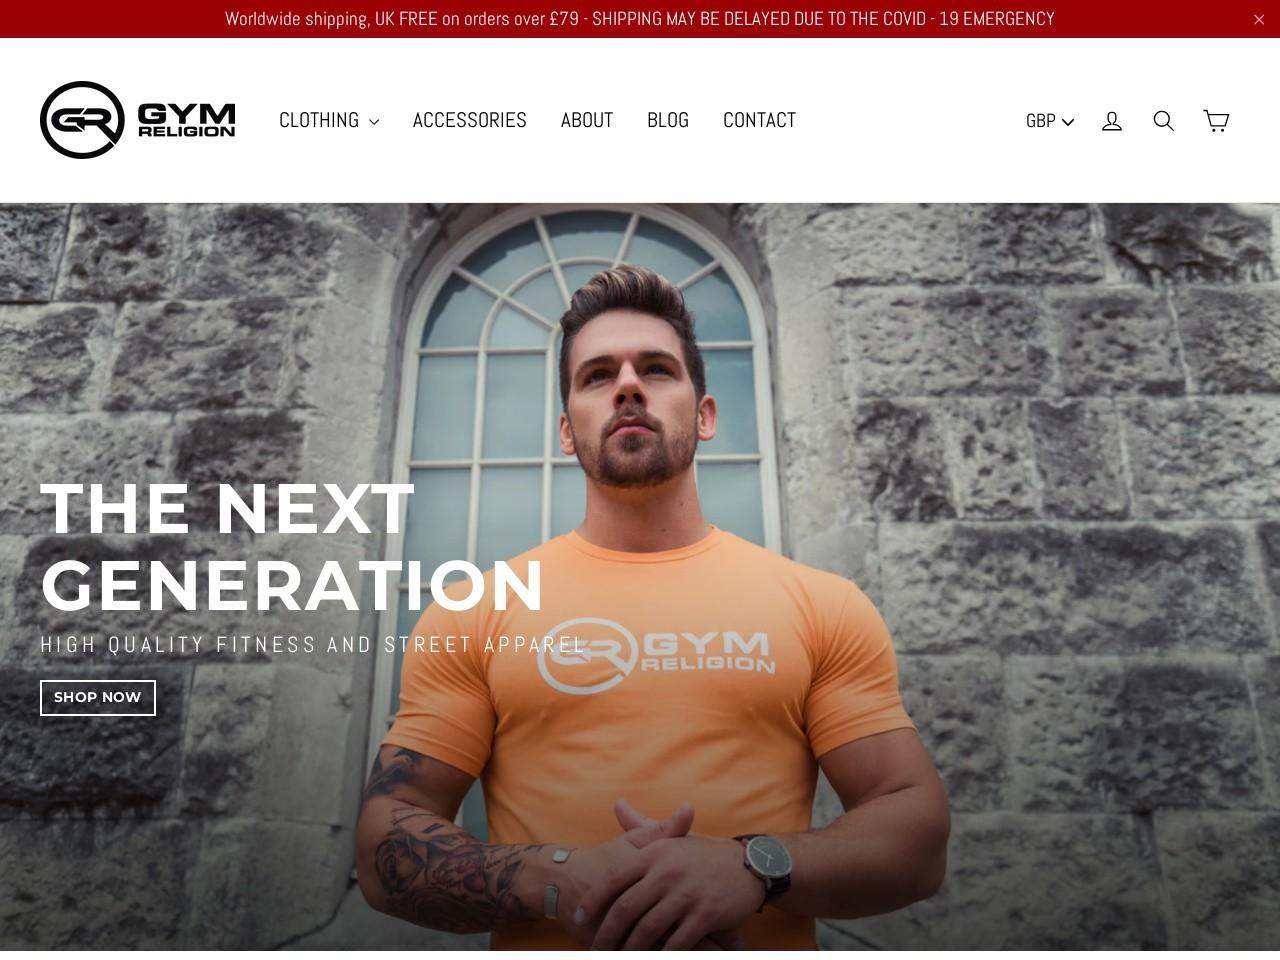 gymreligion.com